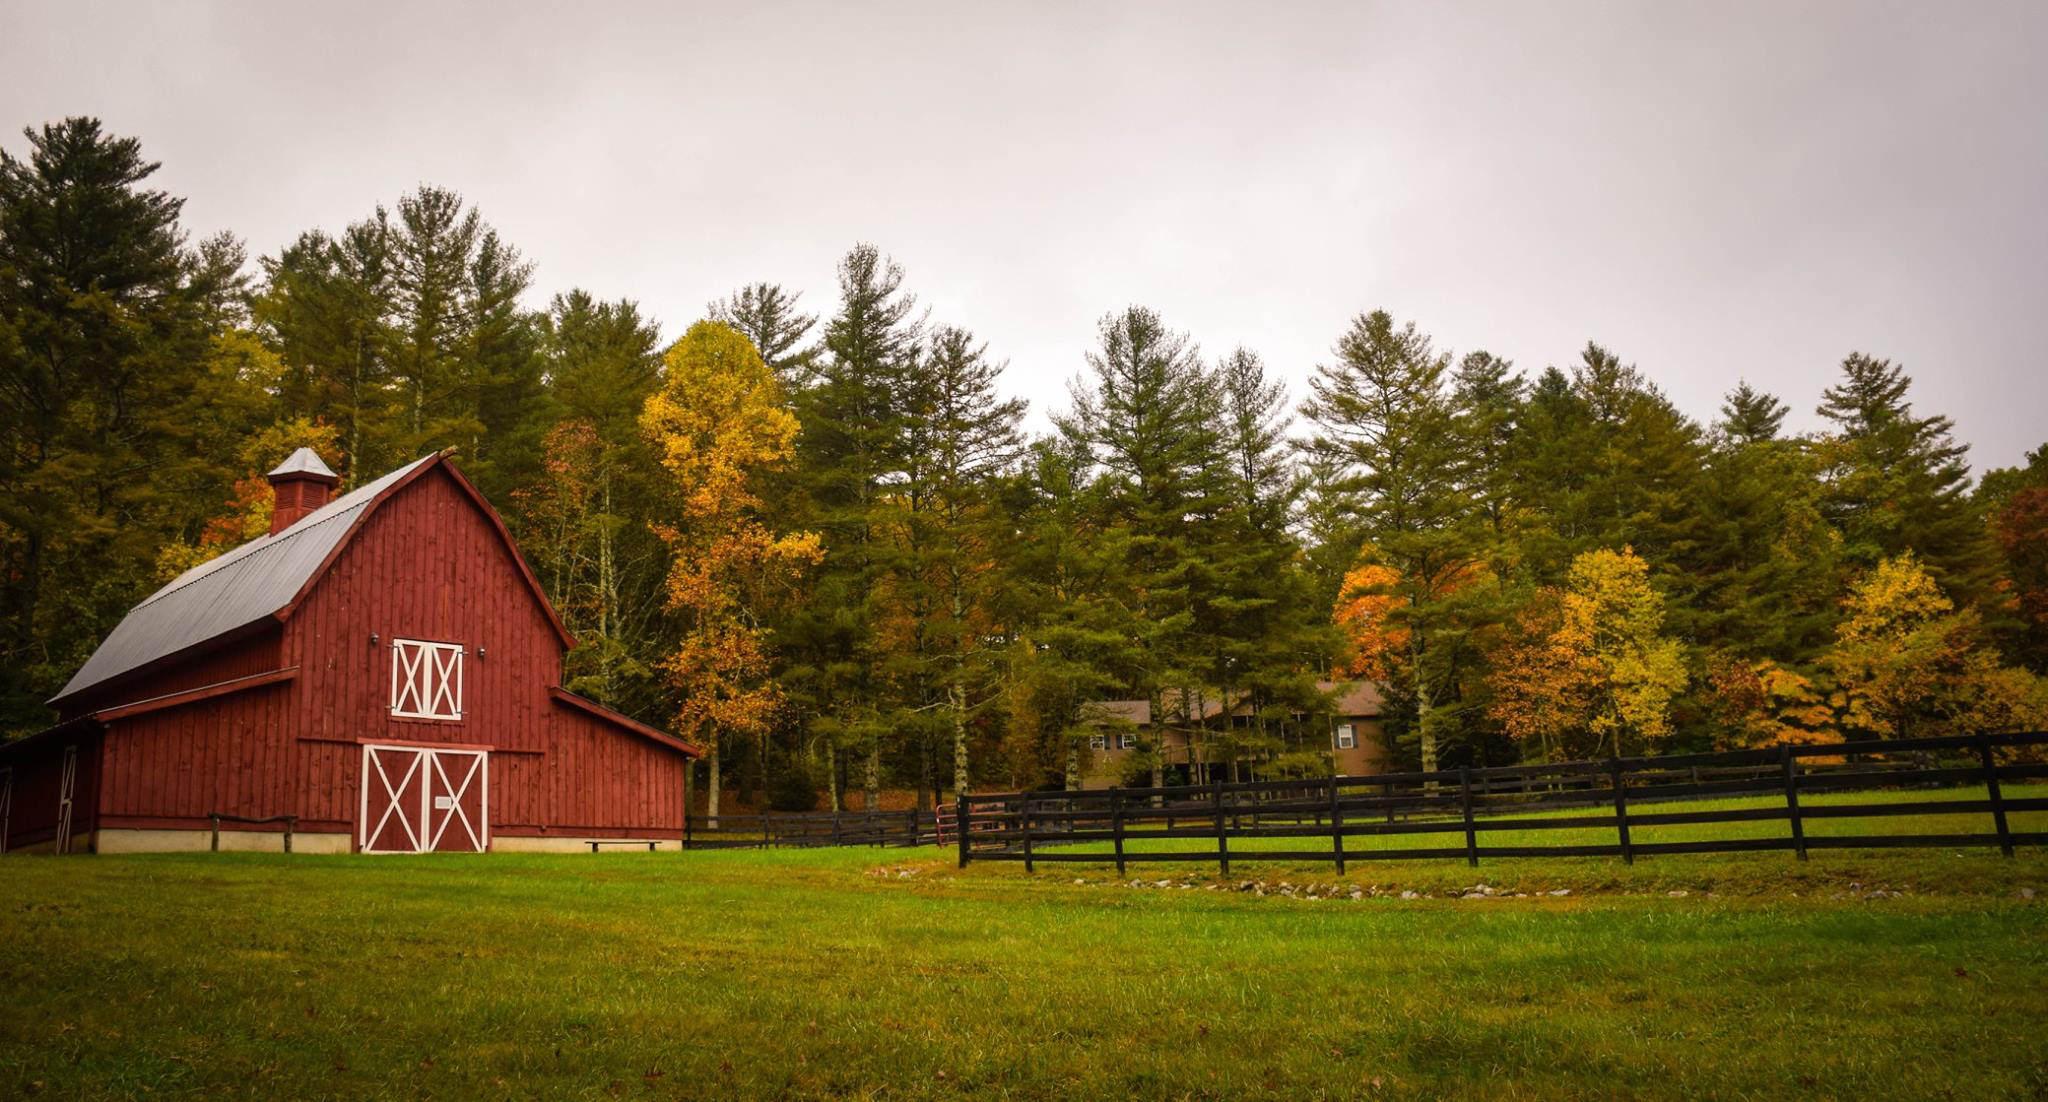 Displacing family farms_Frances Gunn_Tyson8